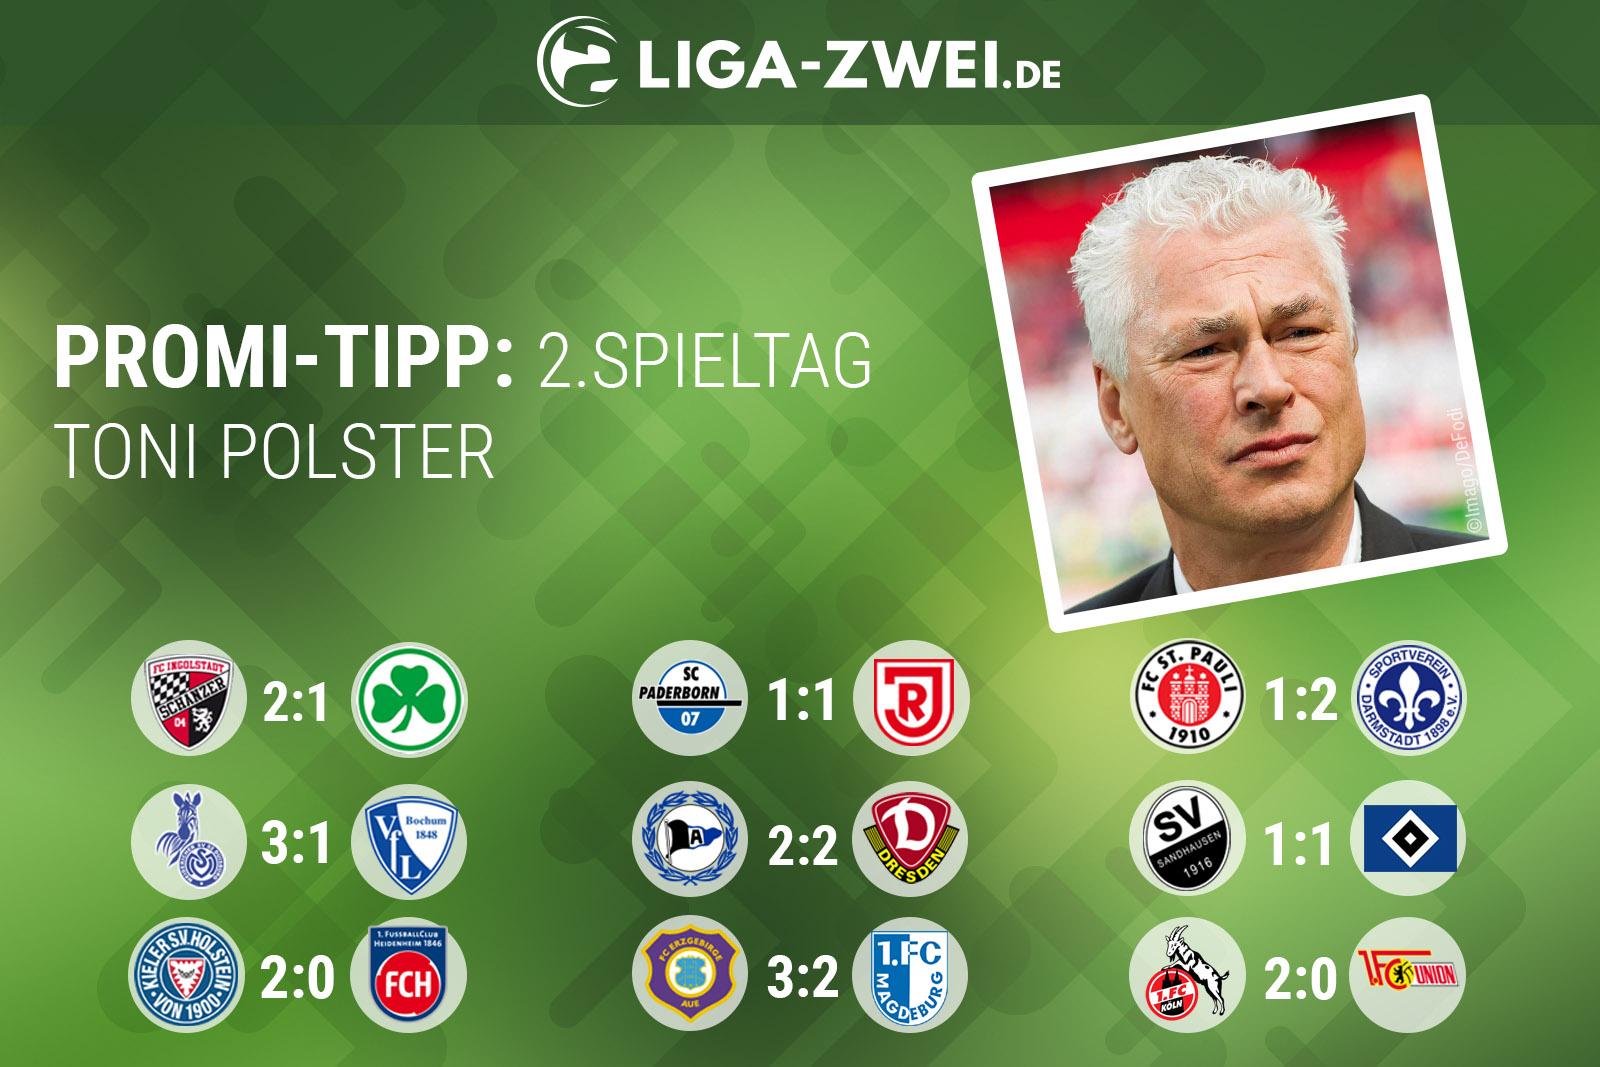 Toni Polster beim Liga-Zwei.de Promi Tipp